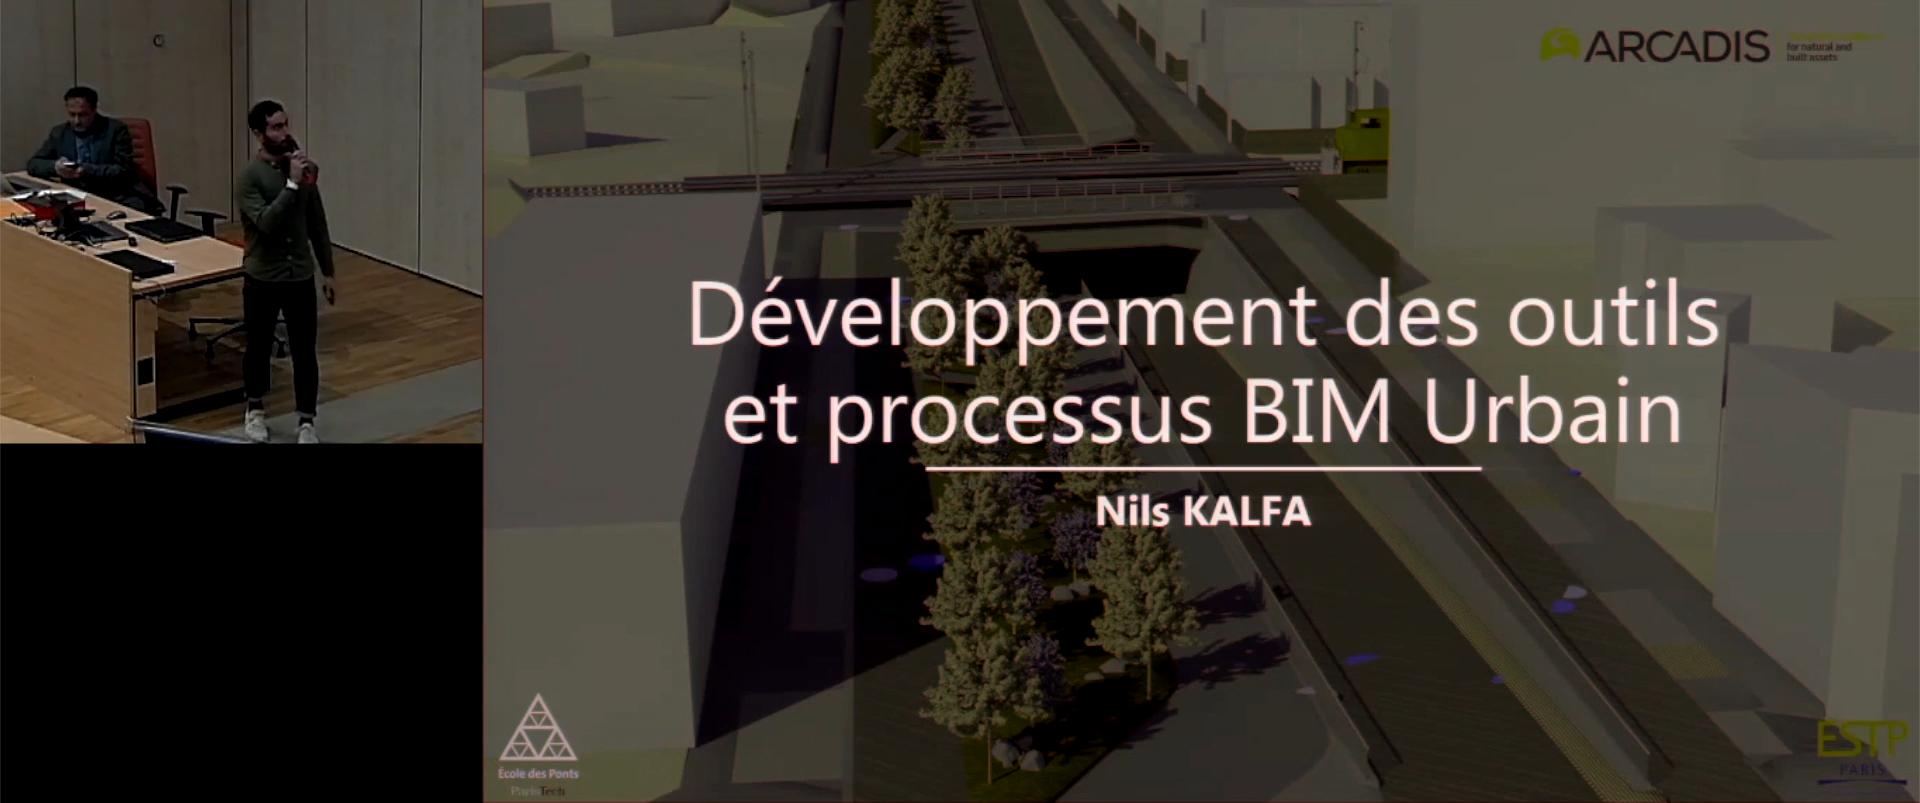 Développement des outils et processus BIM urbains